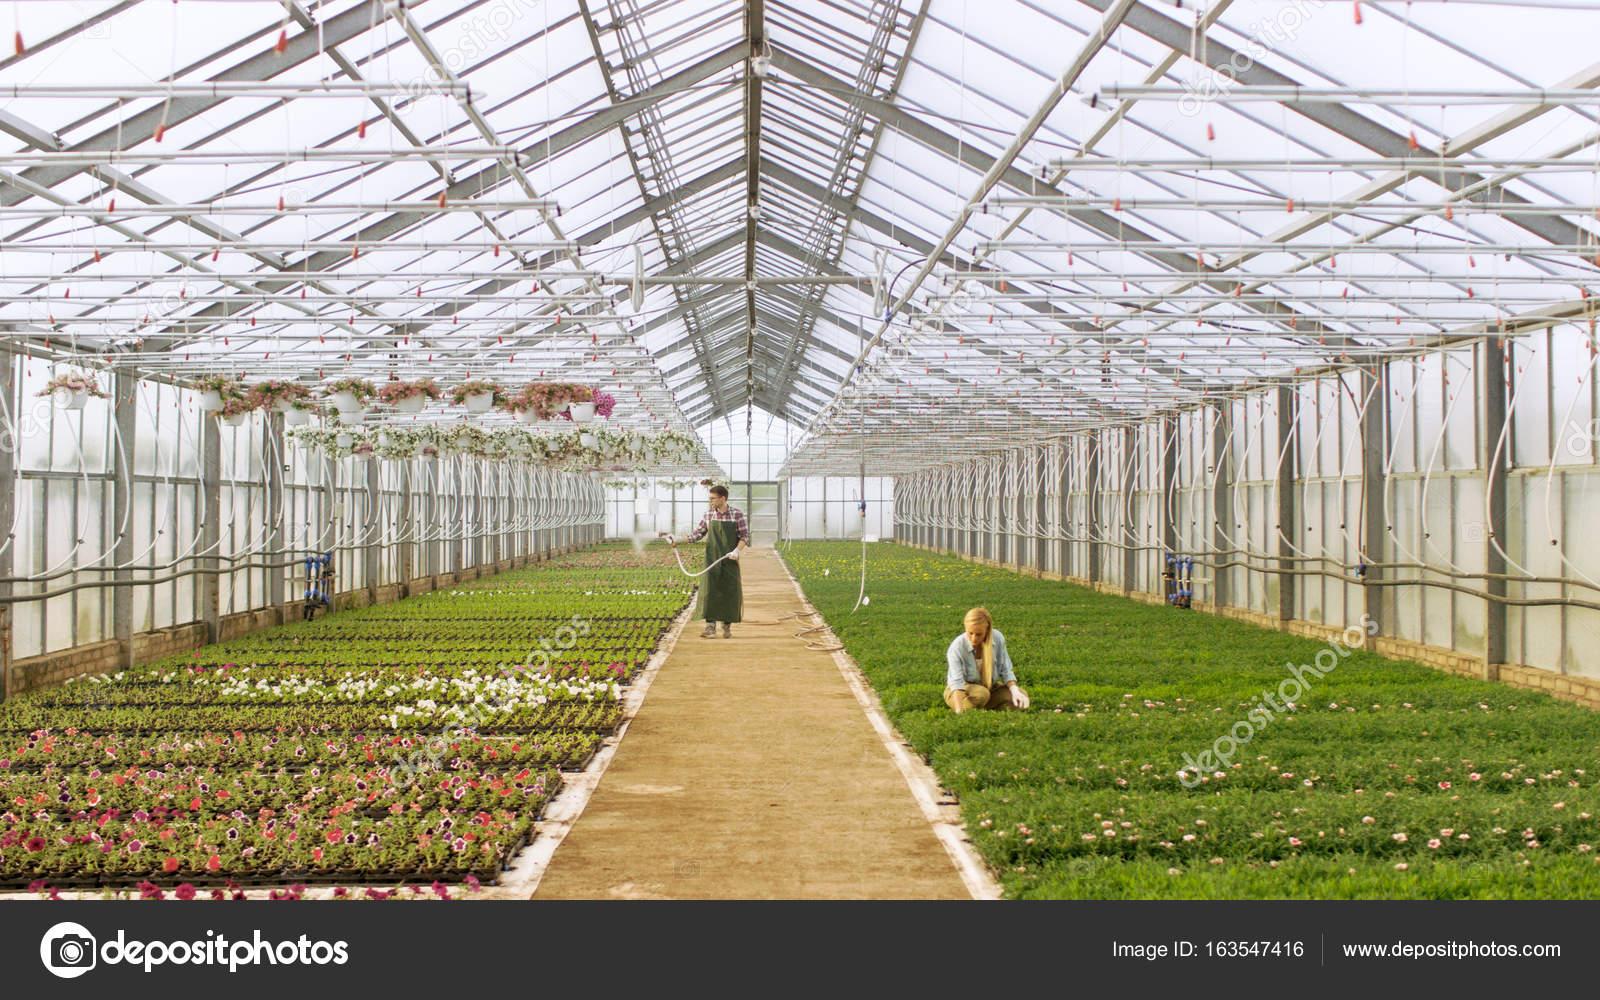 Gedreht in einem sonnigen industrielle Gewächshaus, wo Gärtner ...